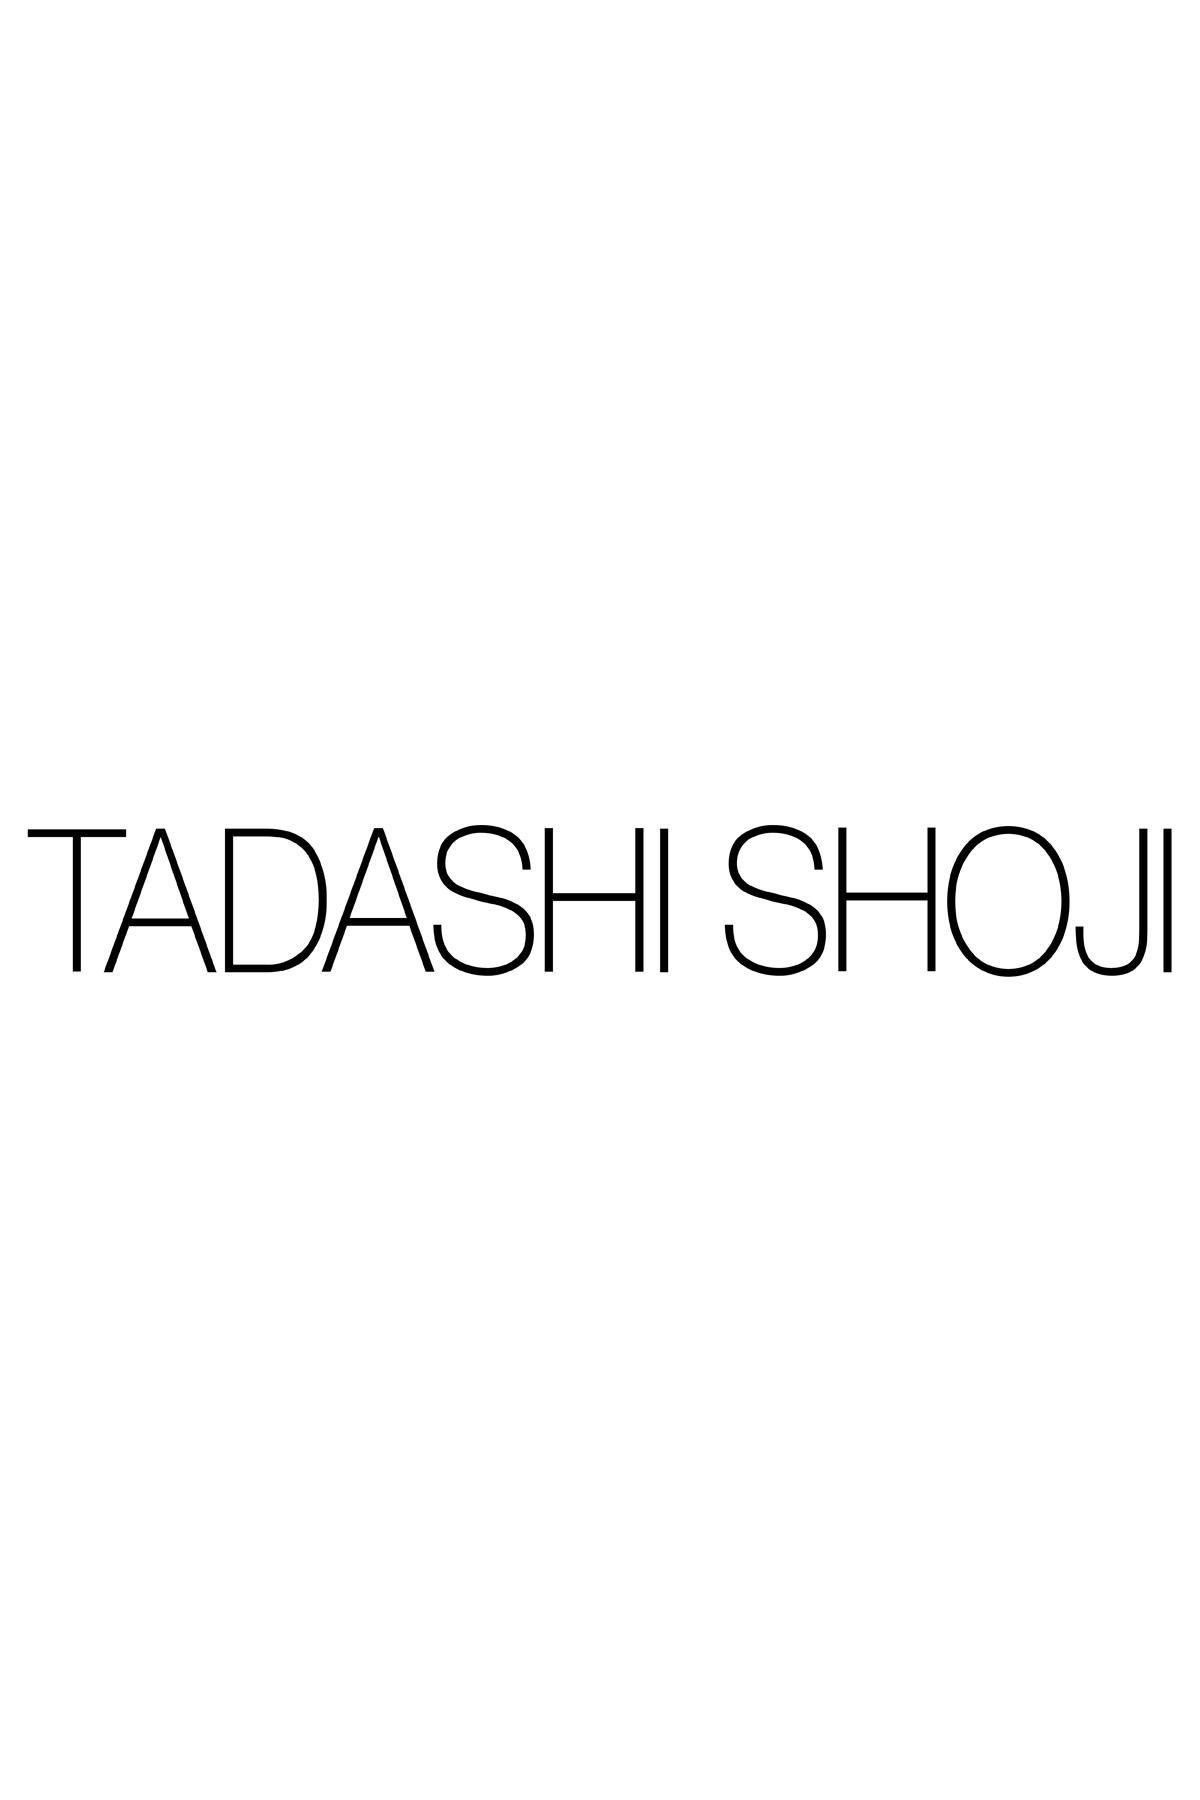 Tadashi Shoji - Fornax Lace & Neoprene Dress